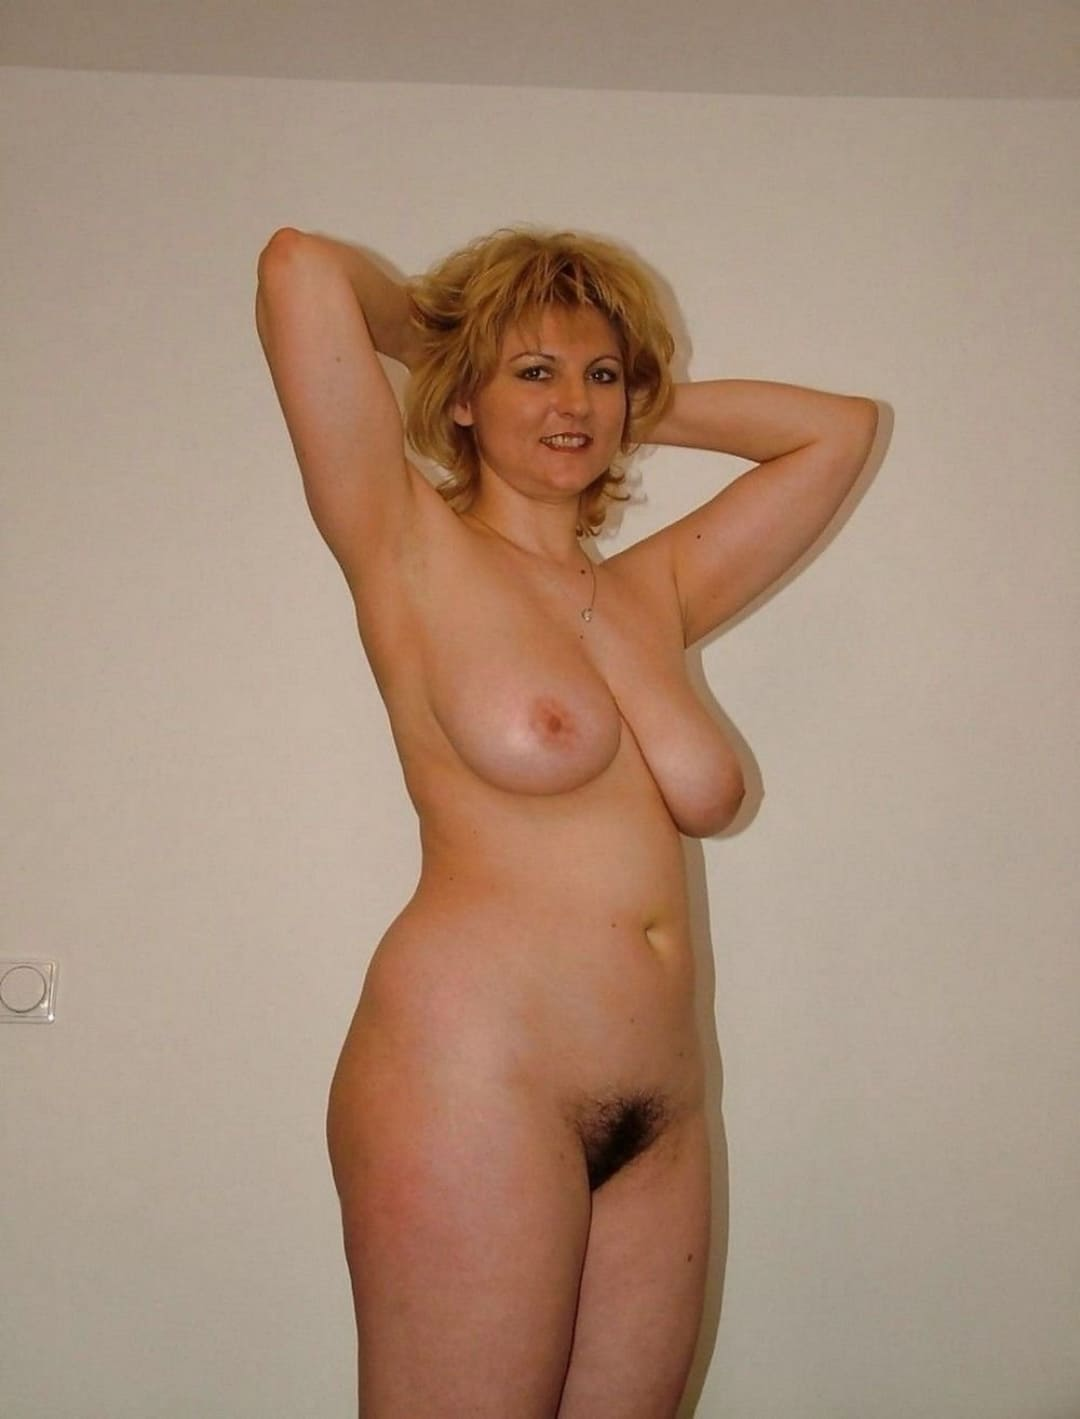 эротика фото голых зрелых женщин блондинка стоит подняв руки на голову, оголив подмышки, волосатая пизда